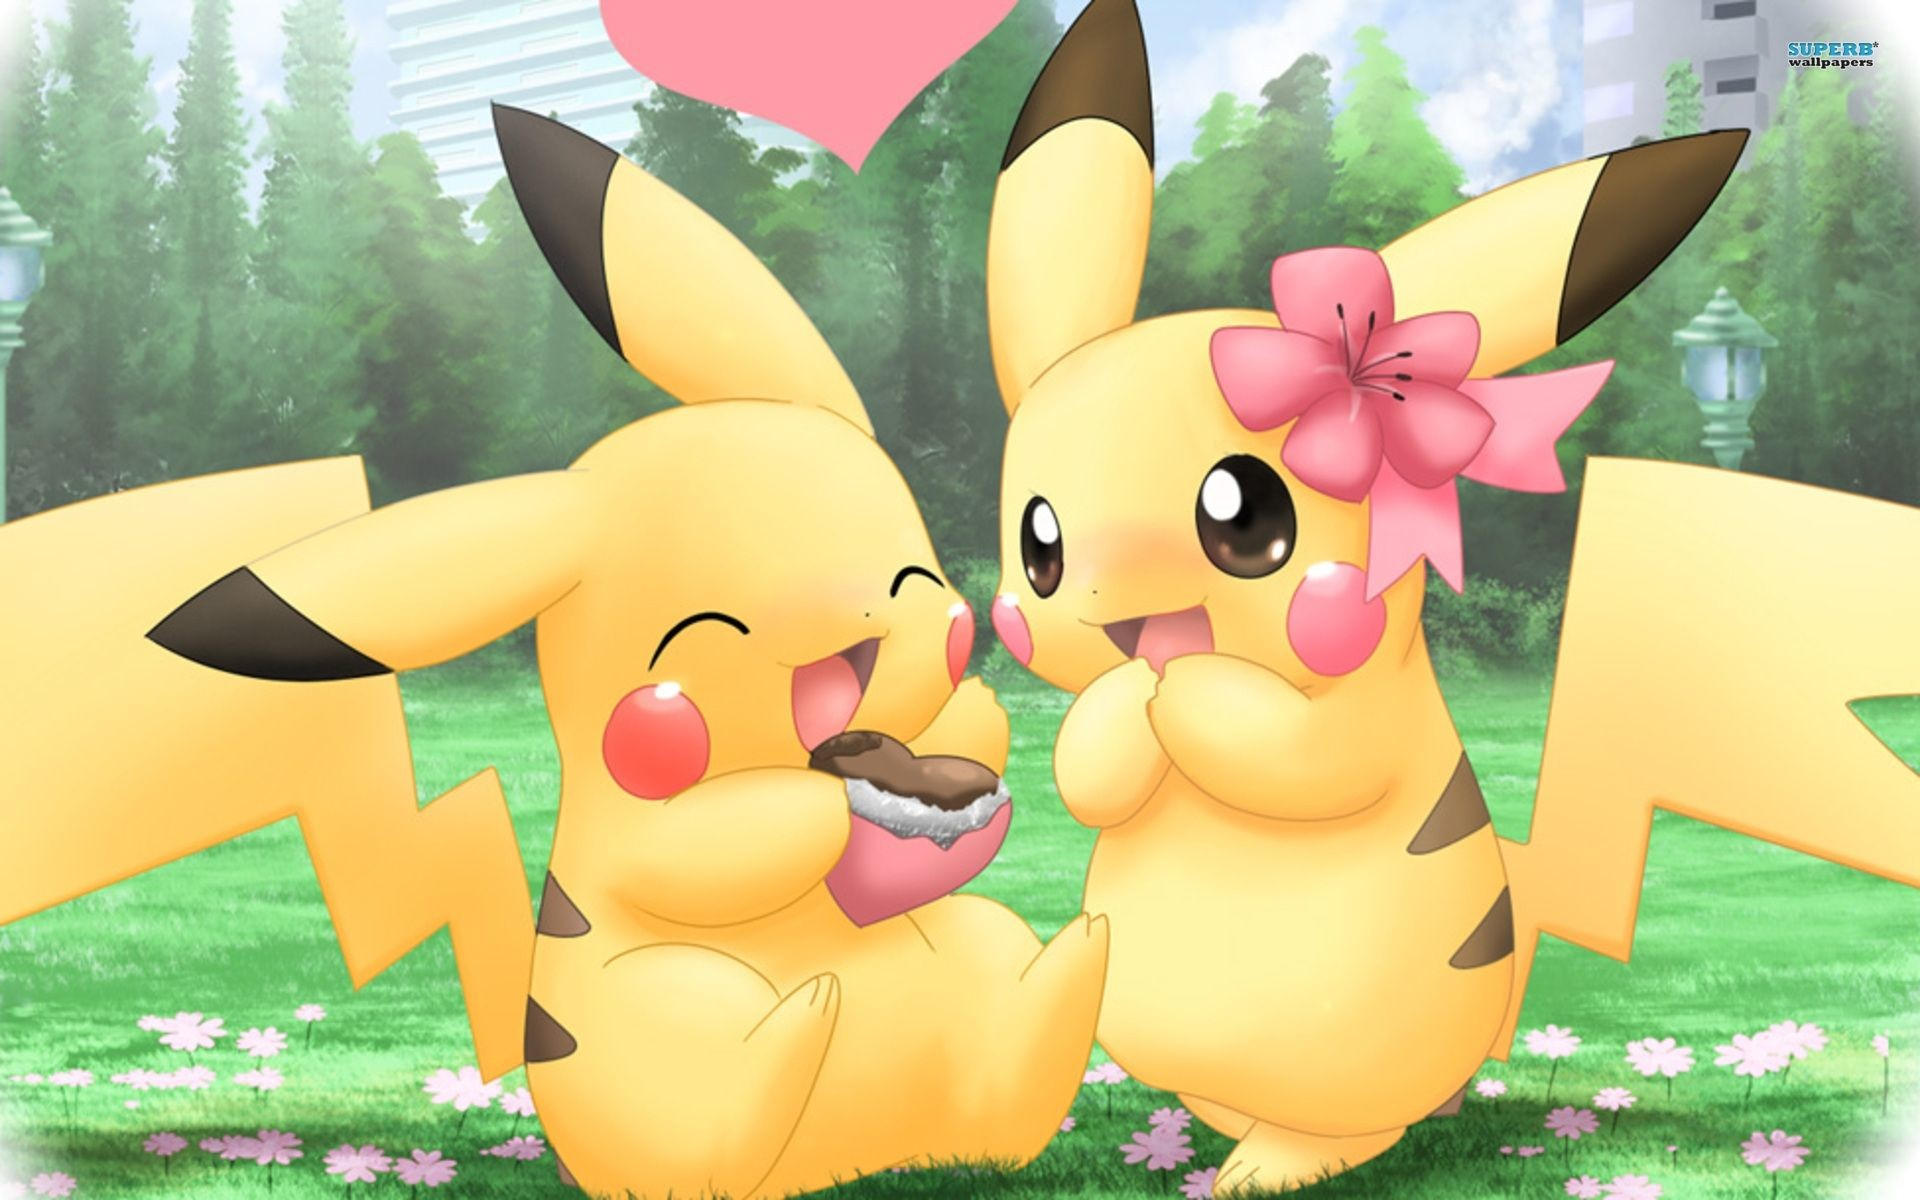 Res: 1920x1200, cute pokemon wallpaper - Google Search